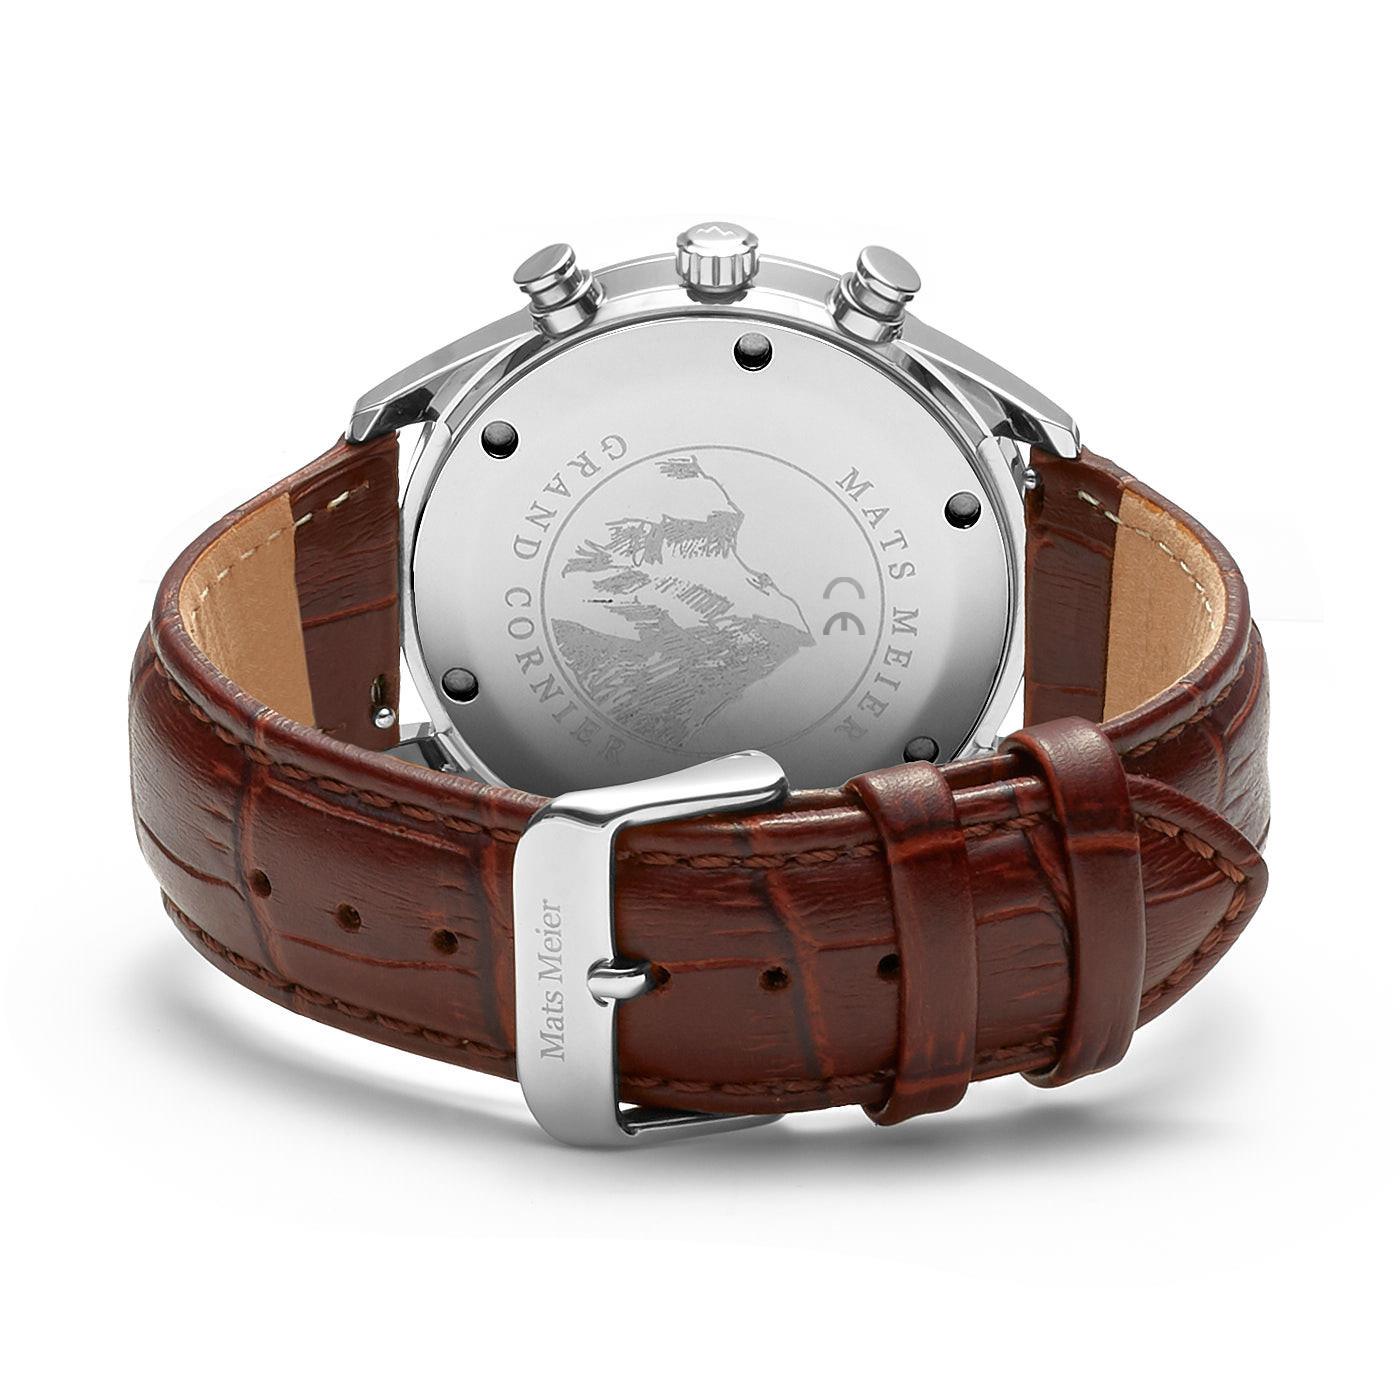 Mats Meier Grand Cornier chronograaf herenhorloge bruin en wit